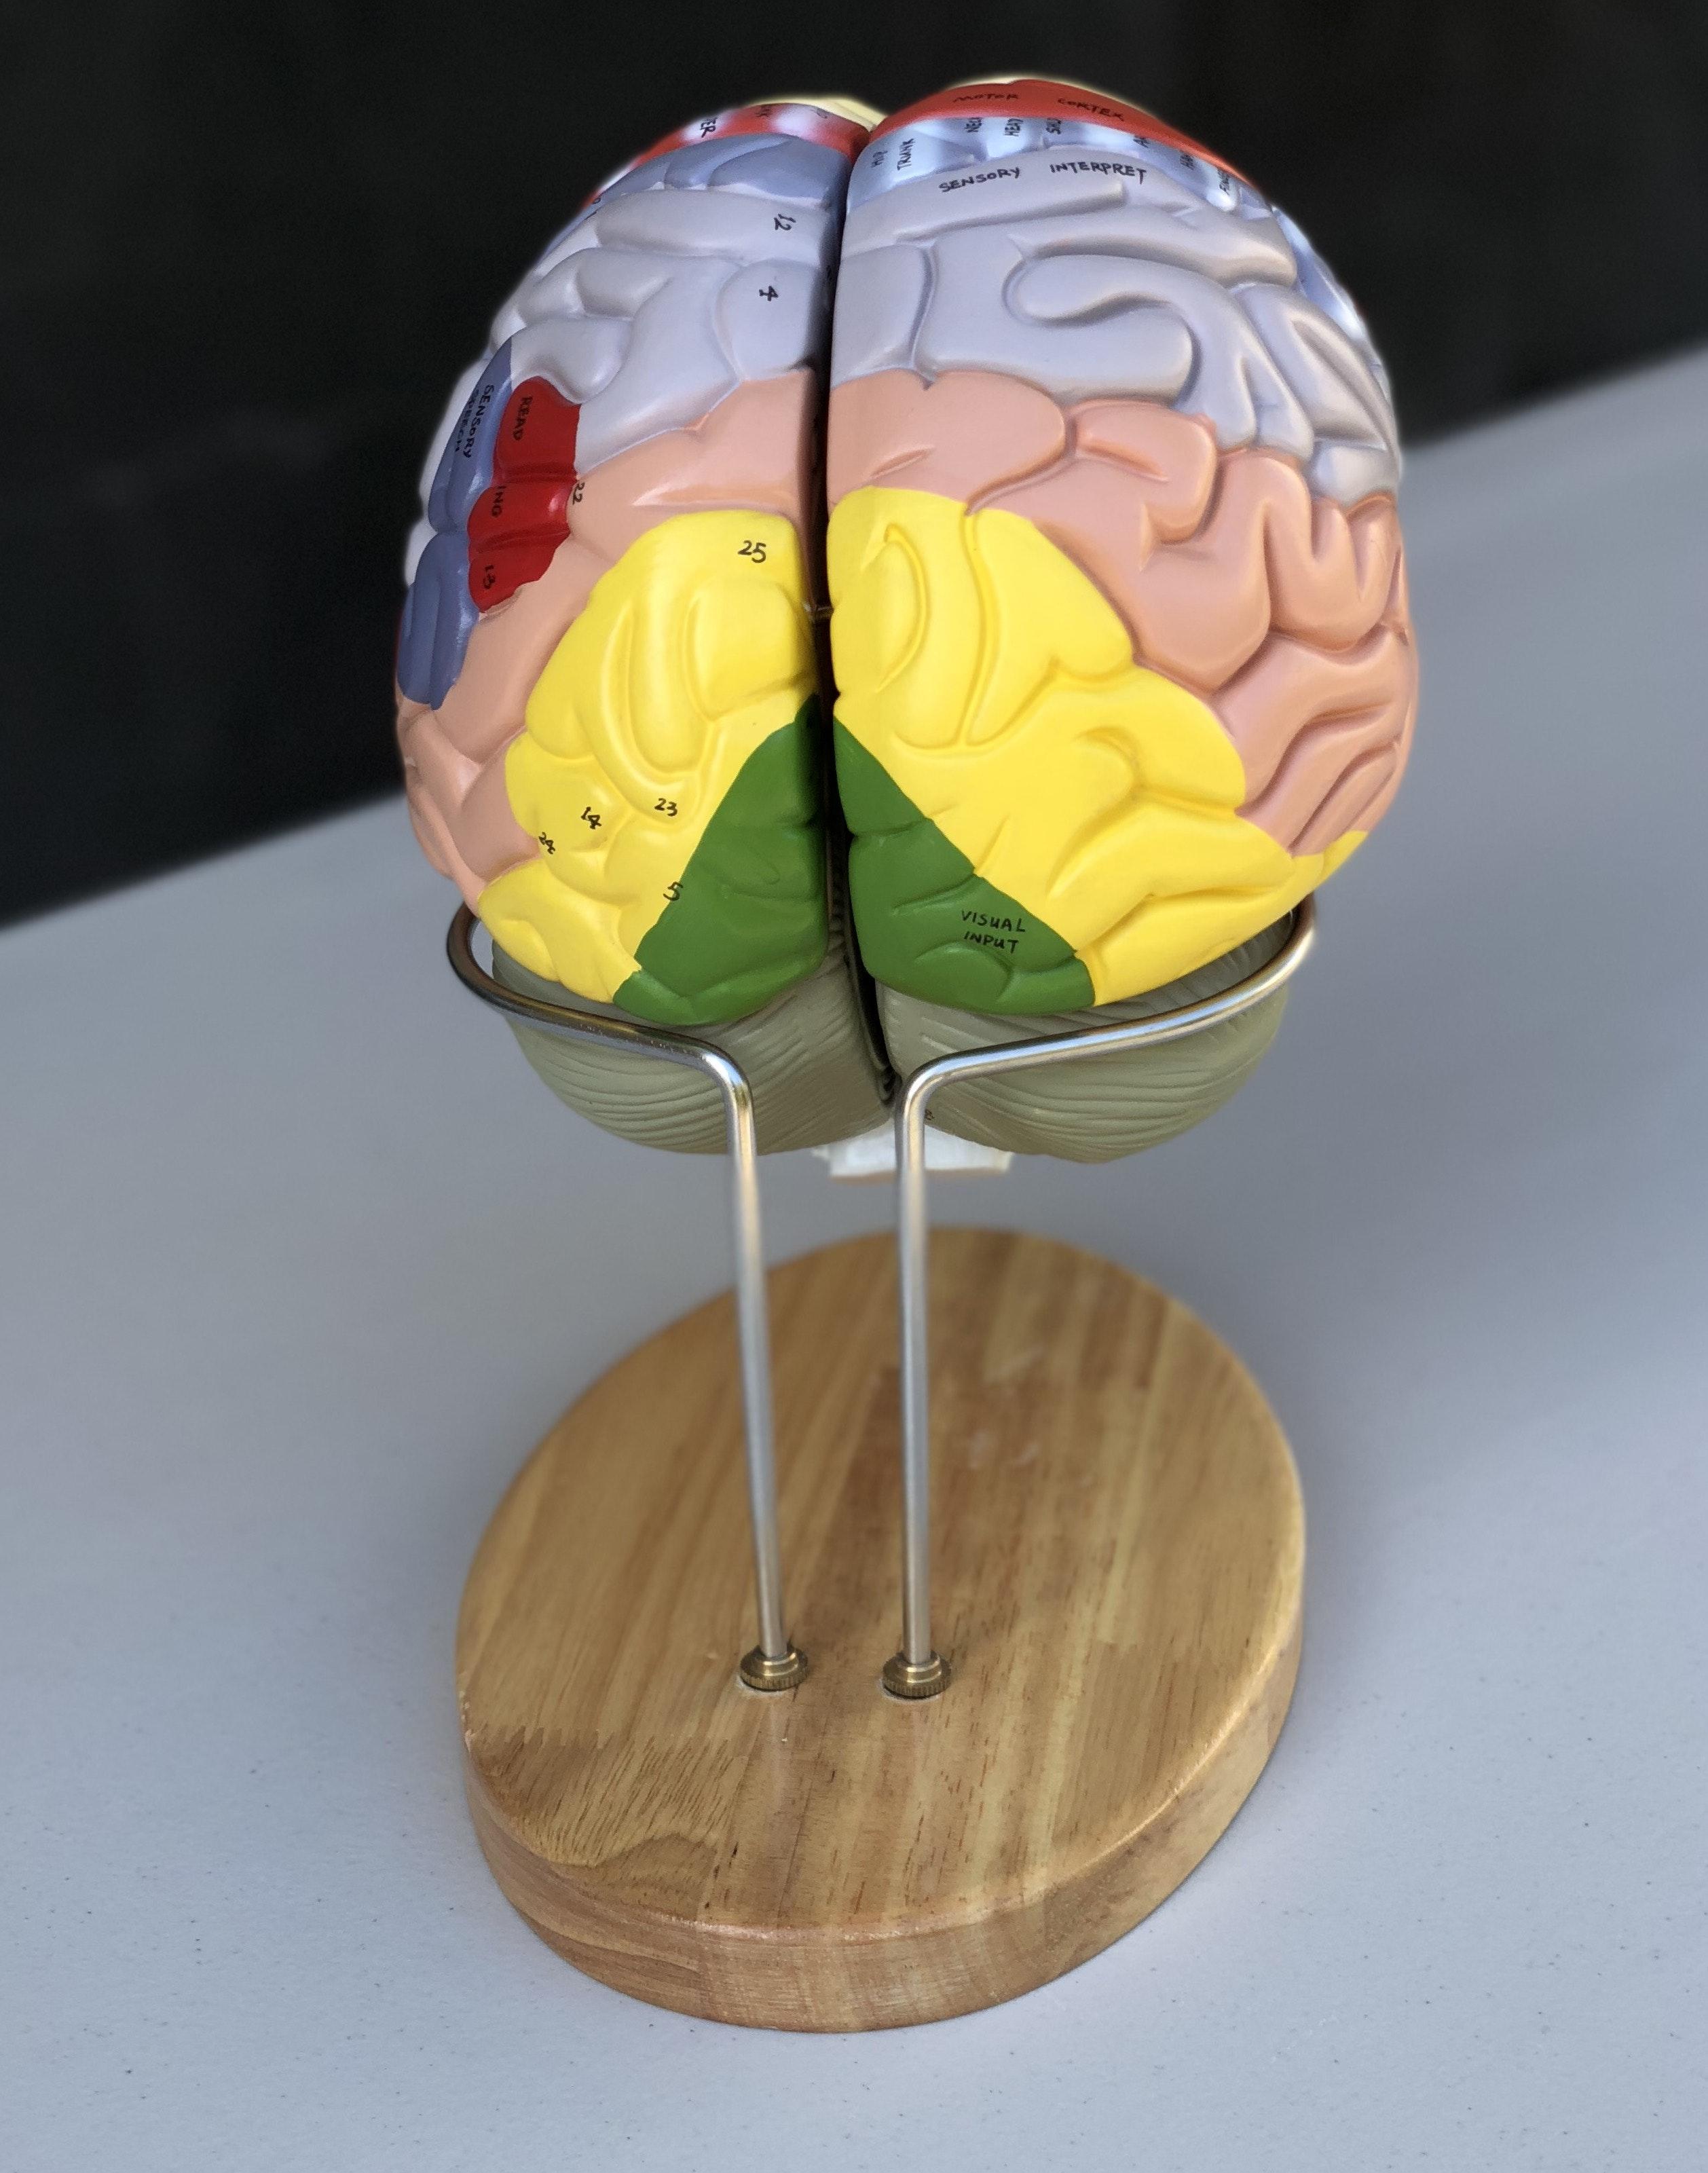 Stor pædagogisk hjernemodel med farver, navne og i 4 dele på stativ